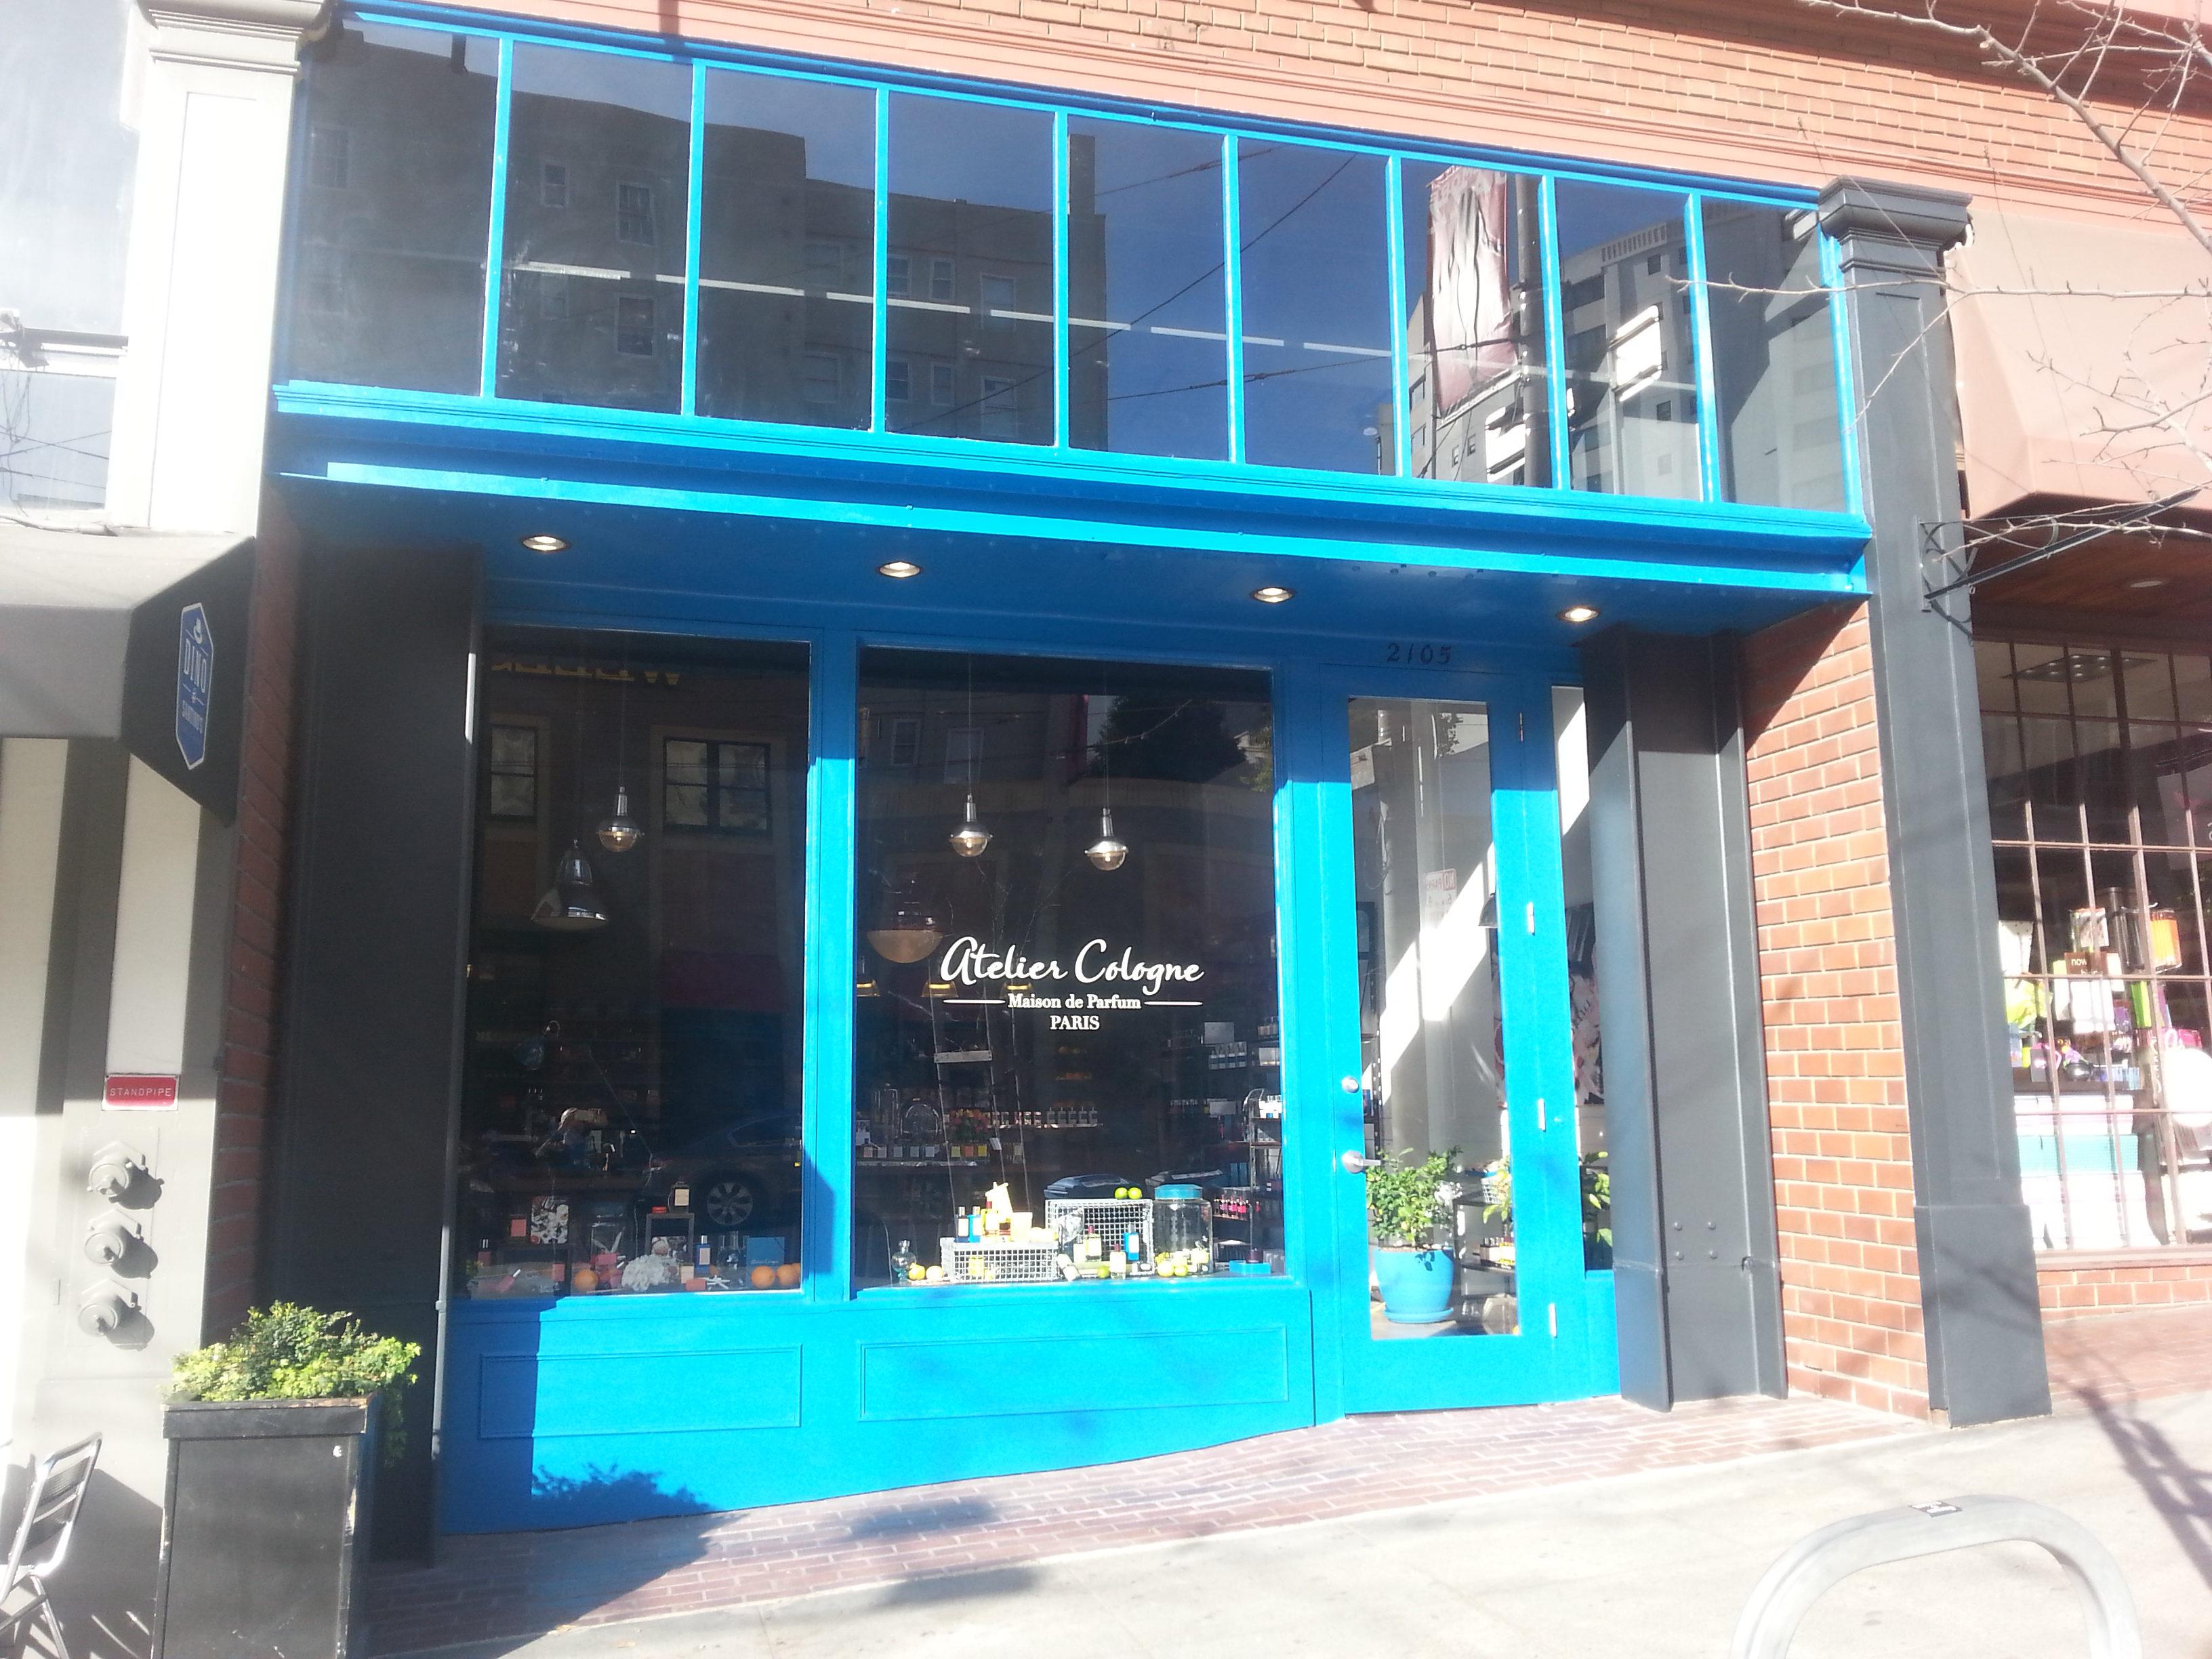 Découvrons Atelier Cologne à San Francisco